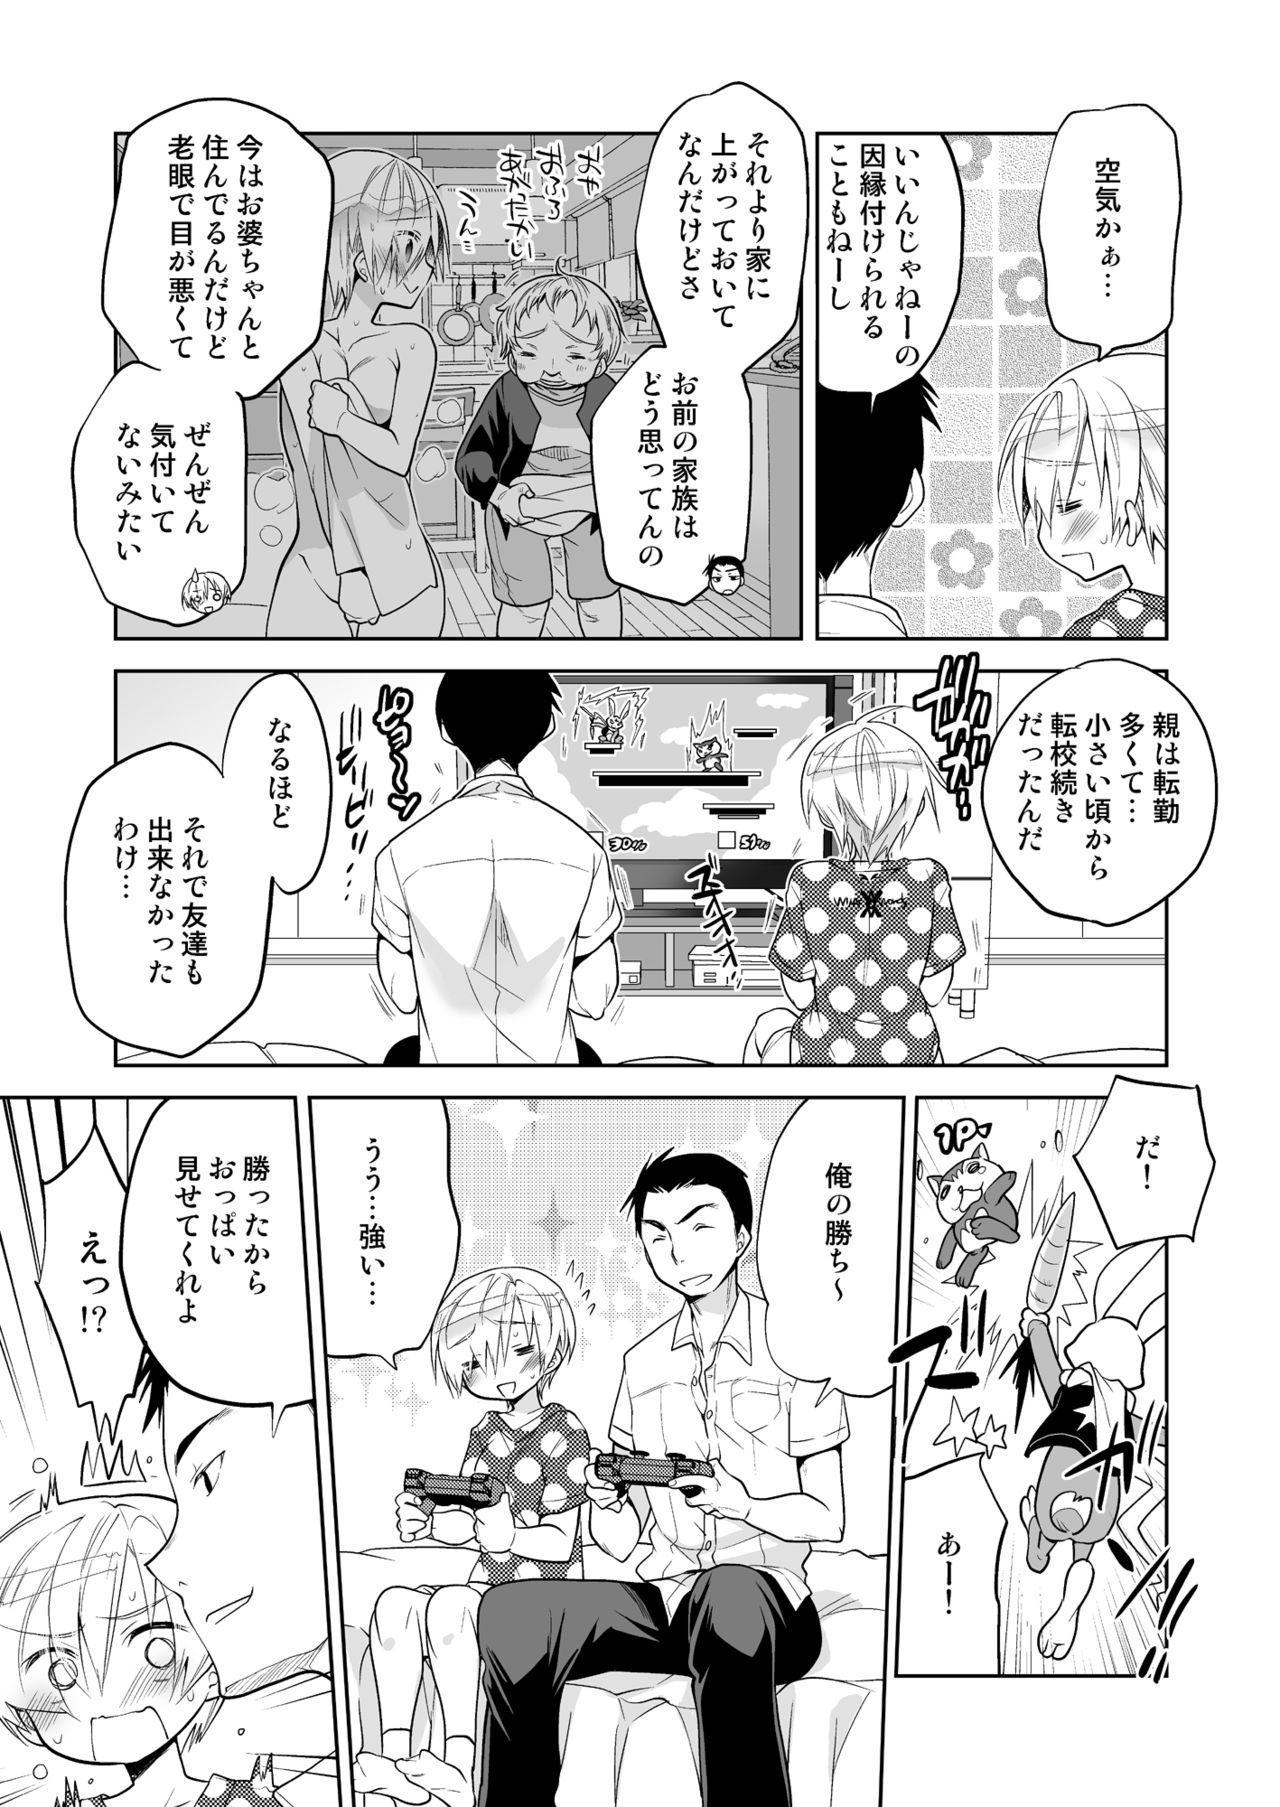 Boku no Hajimete no Tomodachi 10